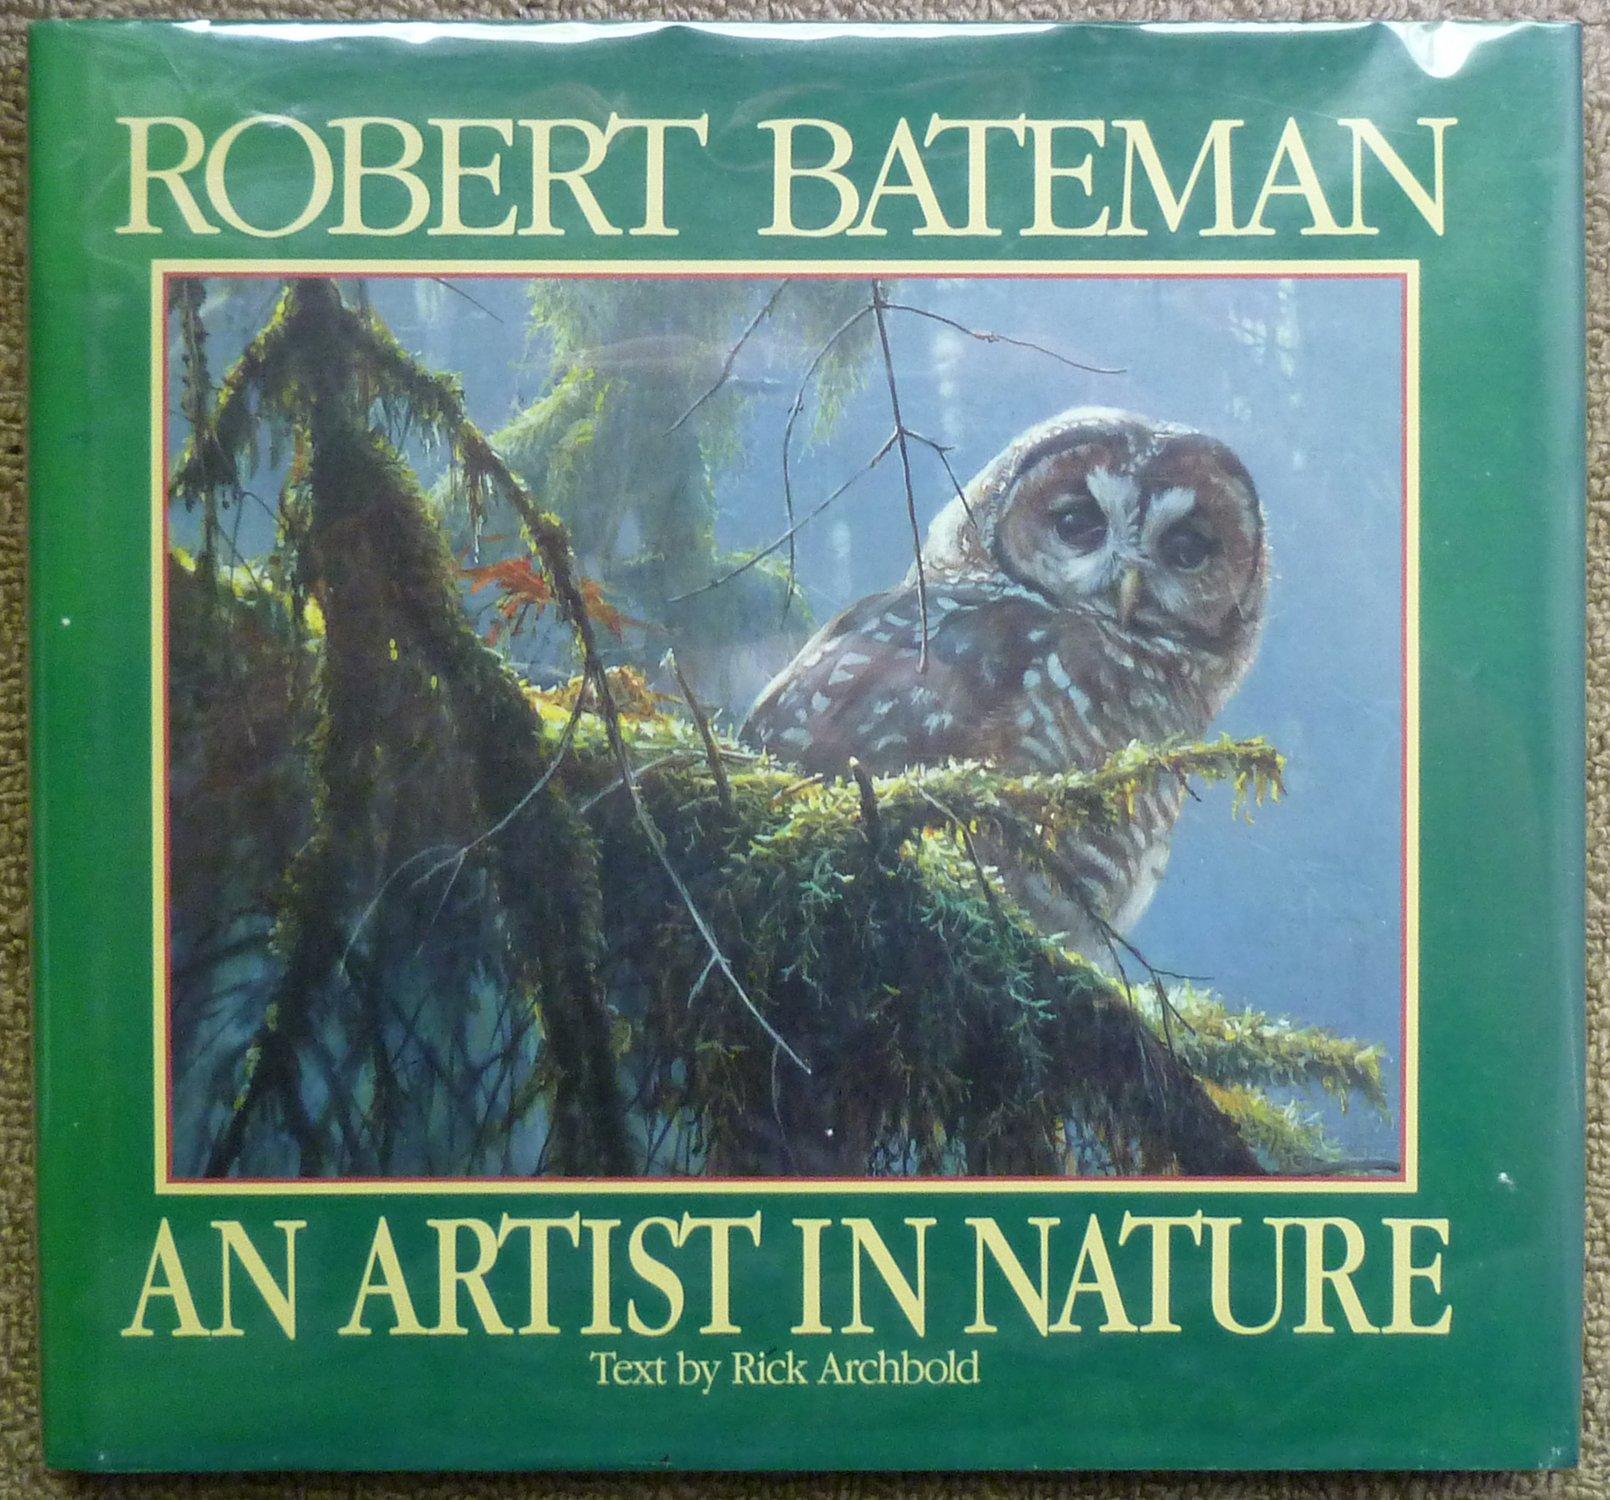 Robert Bateman: An Artist in Nature, Rick Archbold